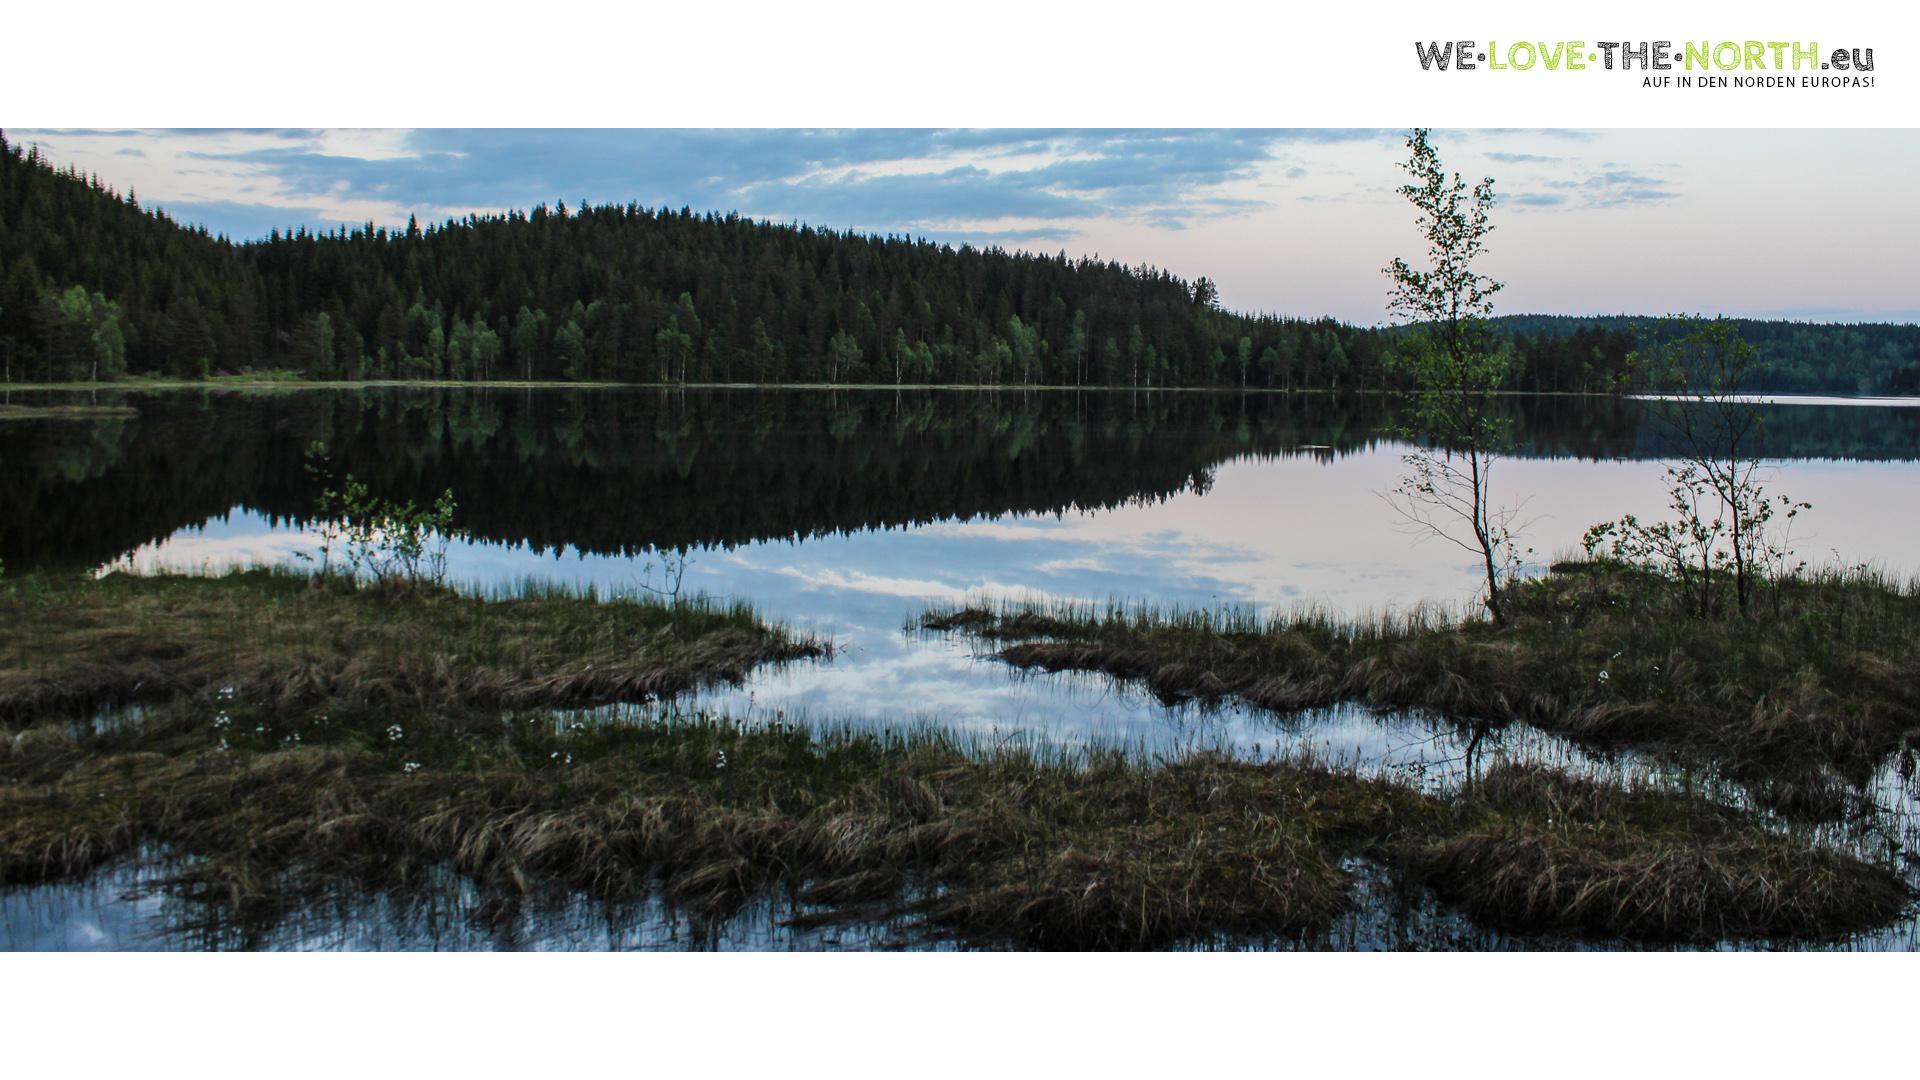 WE LOVE THE NORTH Trekking in Nordeuropa Schweden und Island 1920x1080